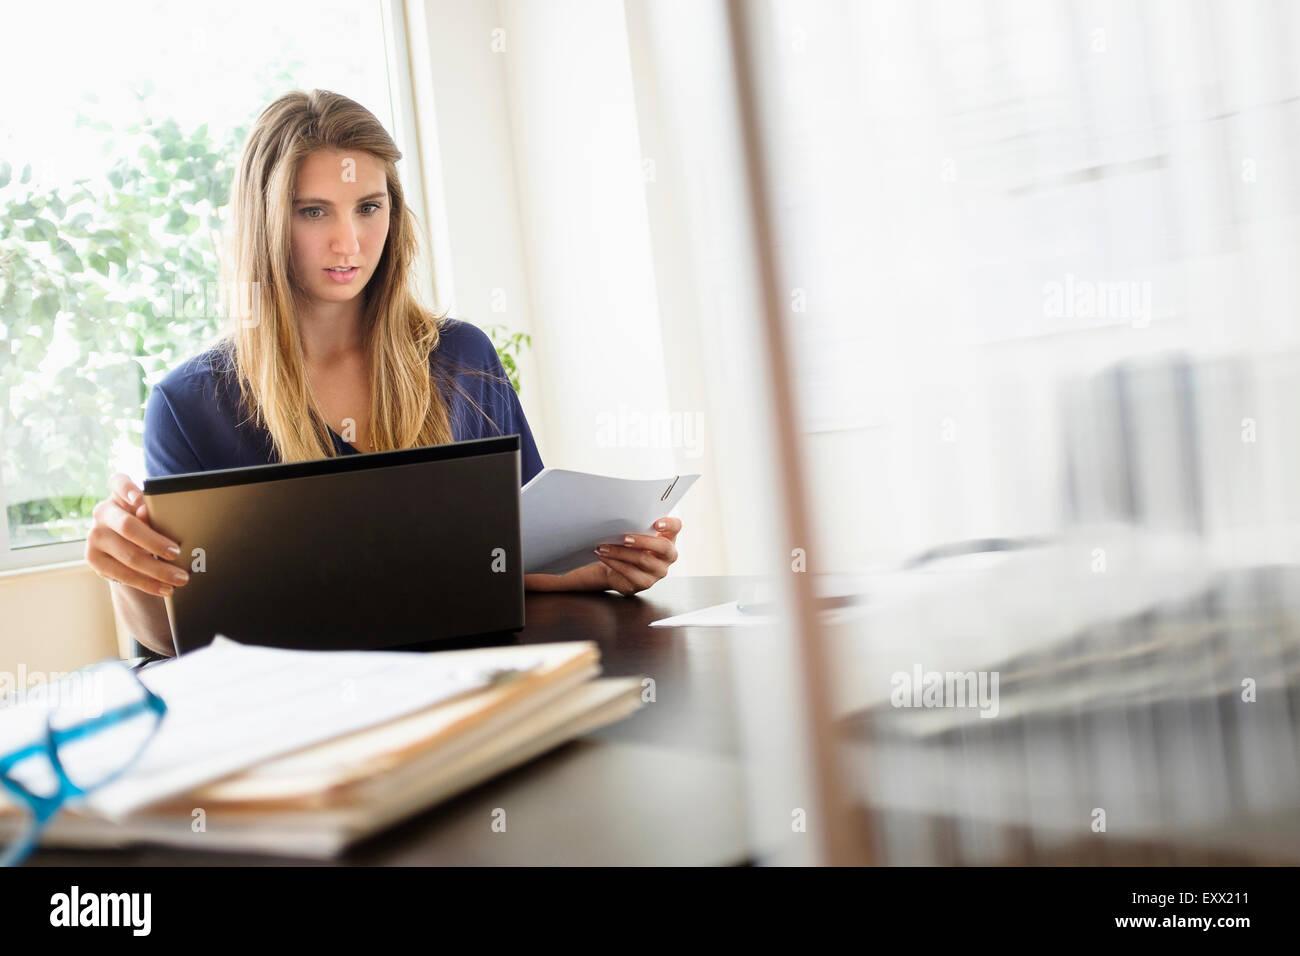 Frau Im Buro Arbeiten Stockfoto Bild 85394877 Alamy